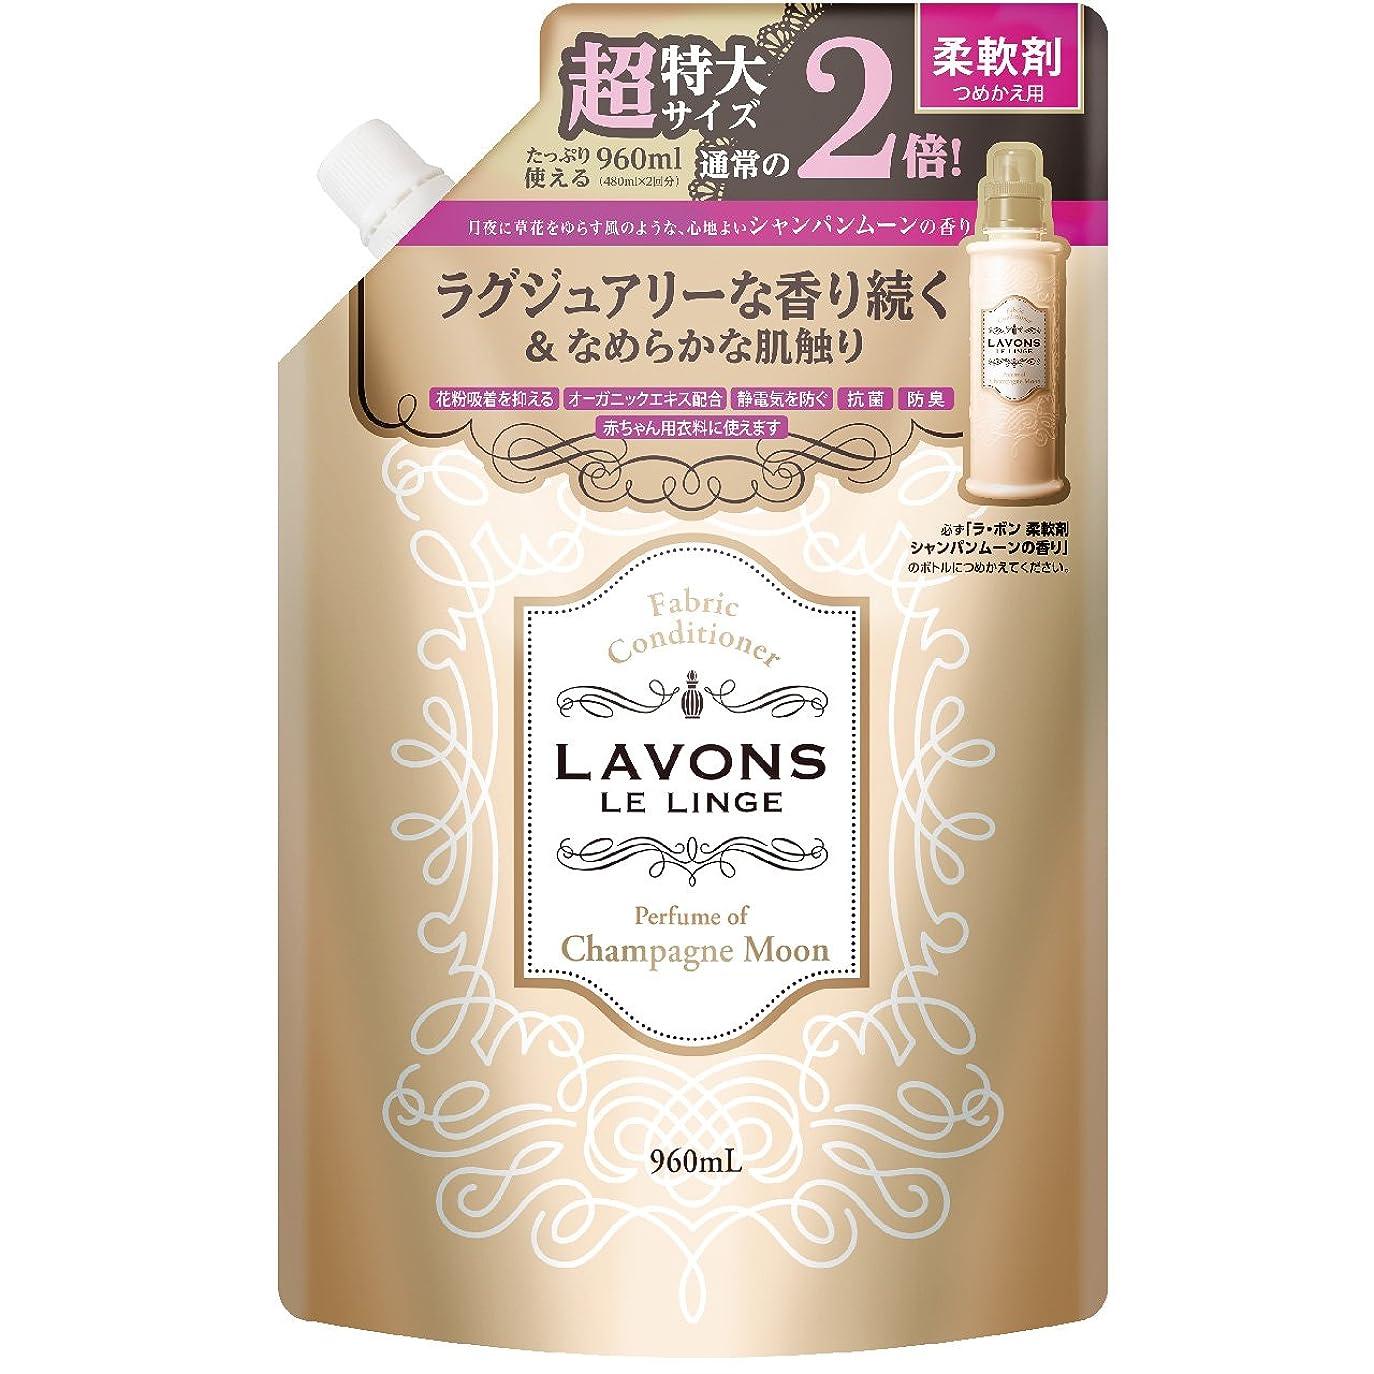 世界クリックトロイの木馬ラボン 柔軟剤 大容量 シャンパンムーン 詰め替え 960ml